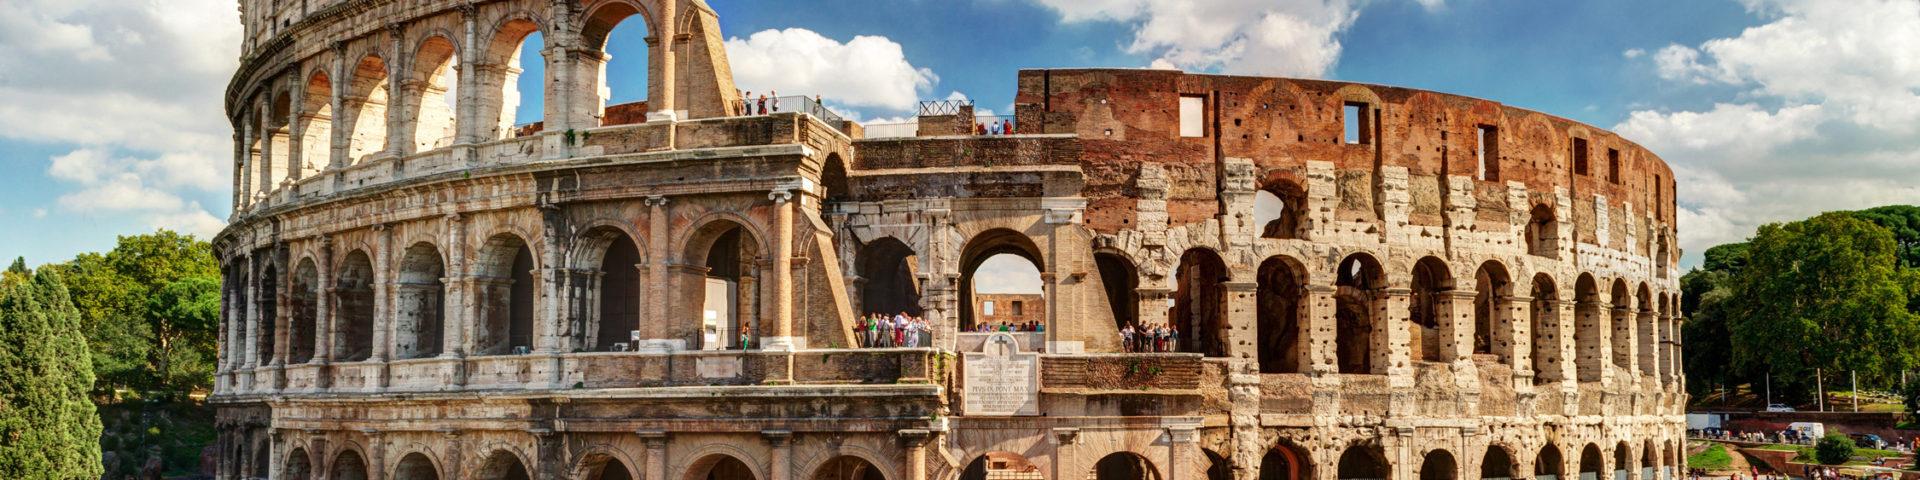 Рим - это путешествие в исторический центр